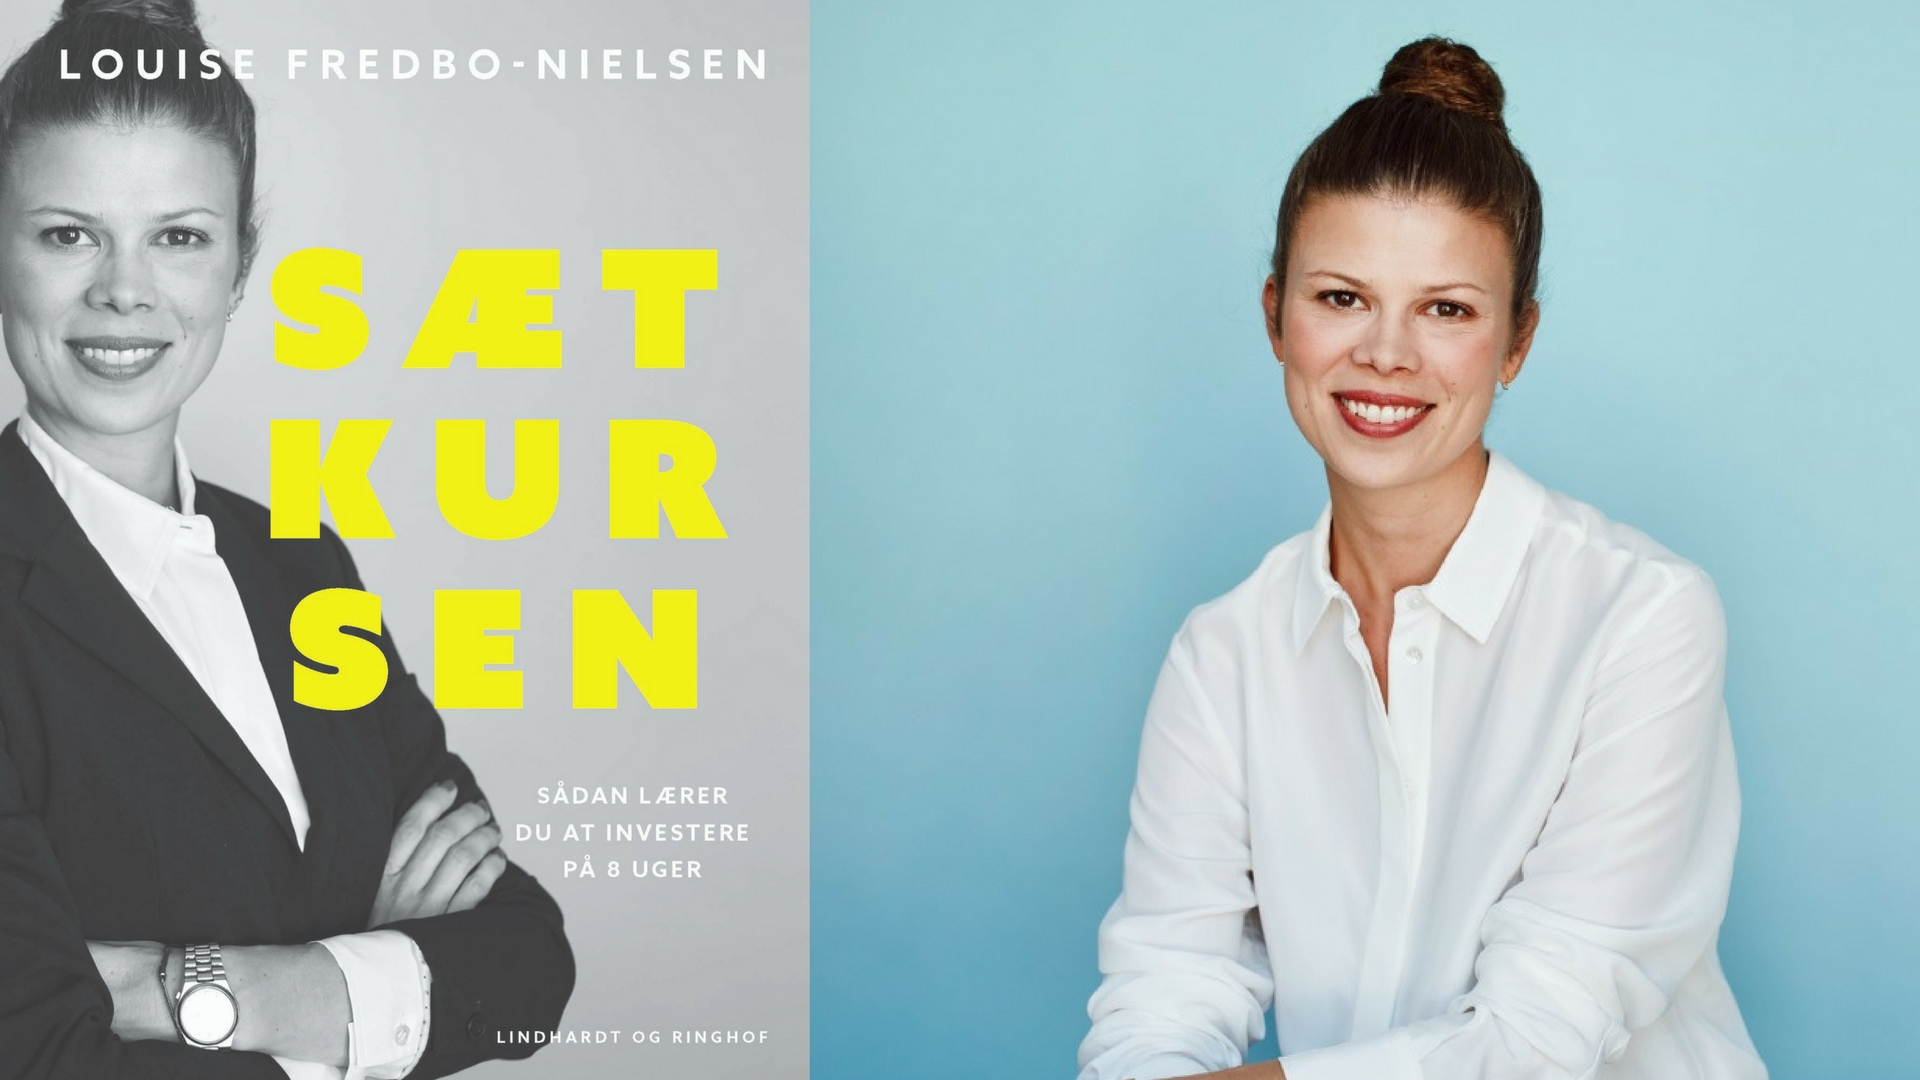 Louise Fredbo-Nielsen  Fra blodrøde tal på kontoen til aktiehaj - e536a044ab77d